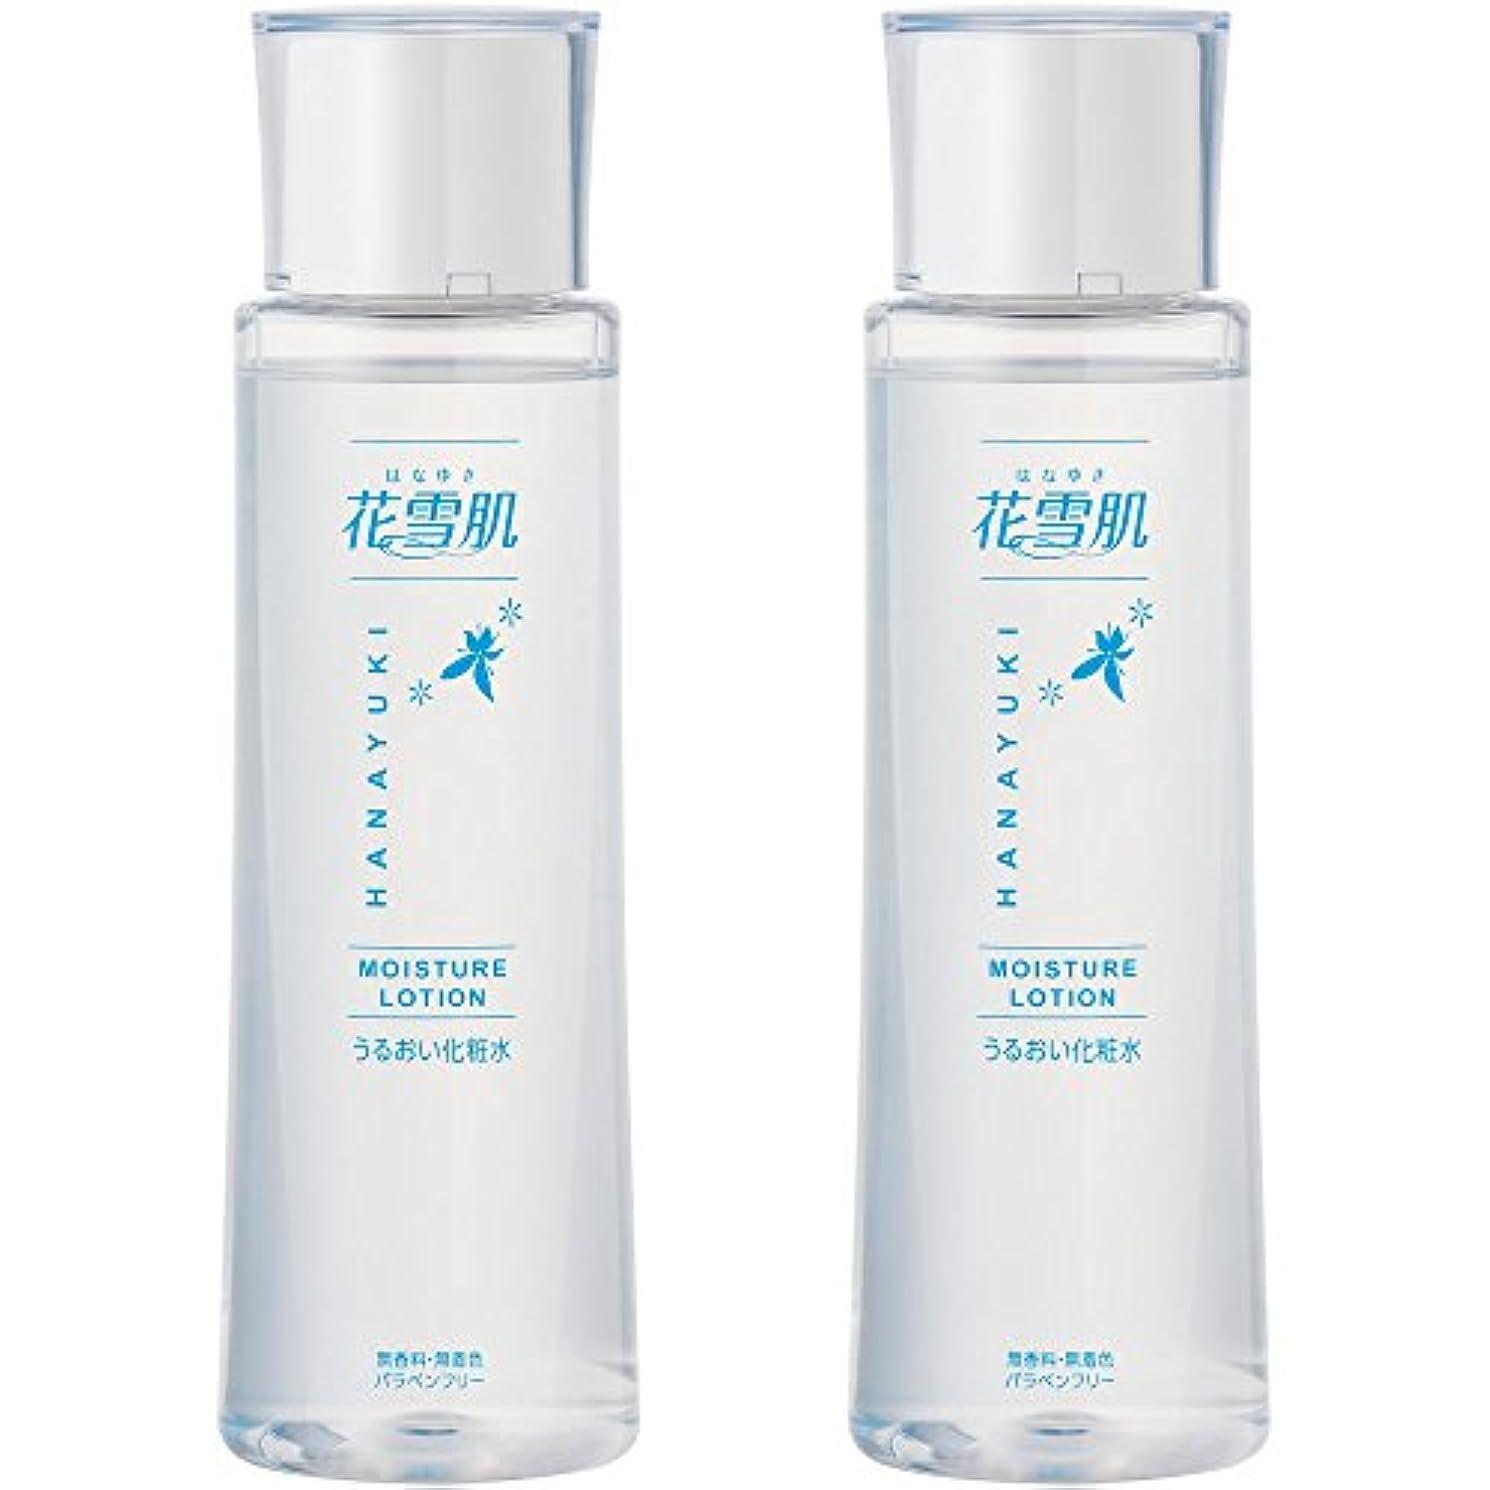 スクラブミシン目アブストラクト花雪肌 うるおい化粧水 (200ml × 2本セット) [10種類の美容液成分を配合] ヒアルロン酸 コラーゲン